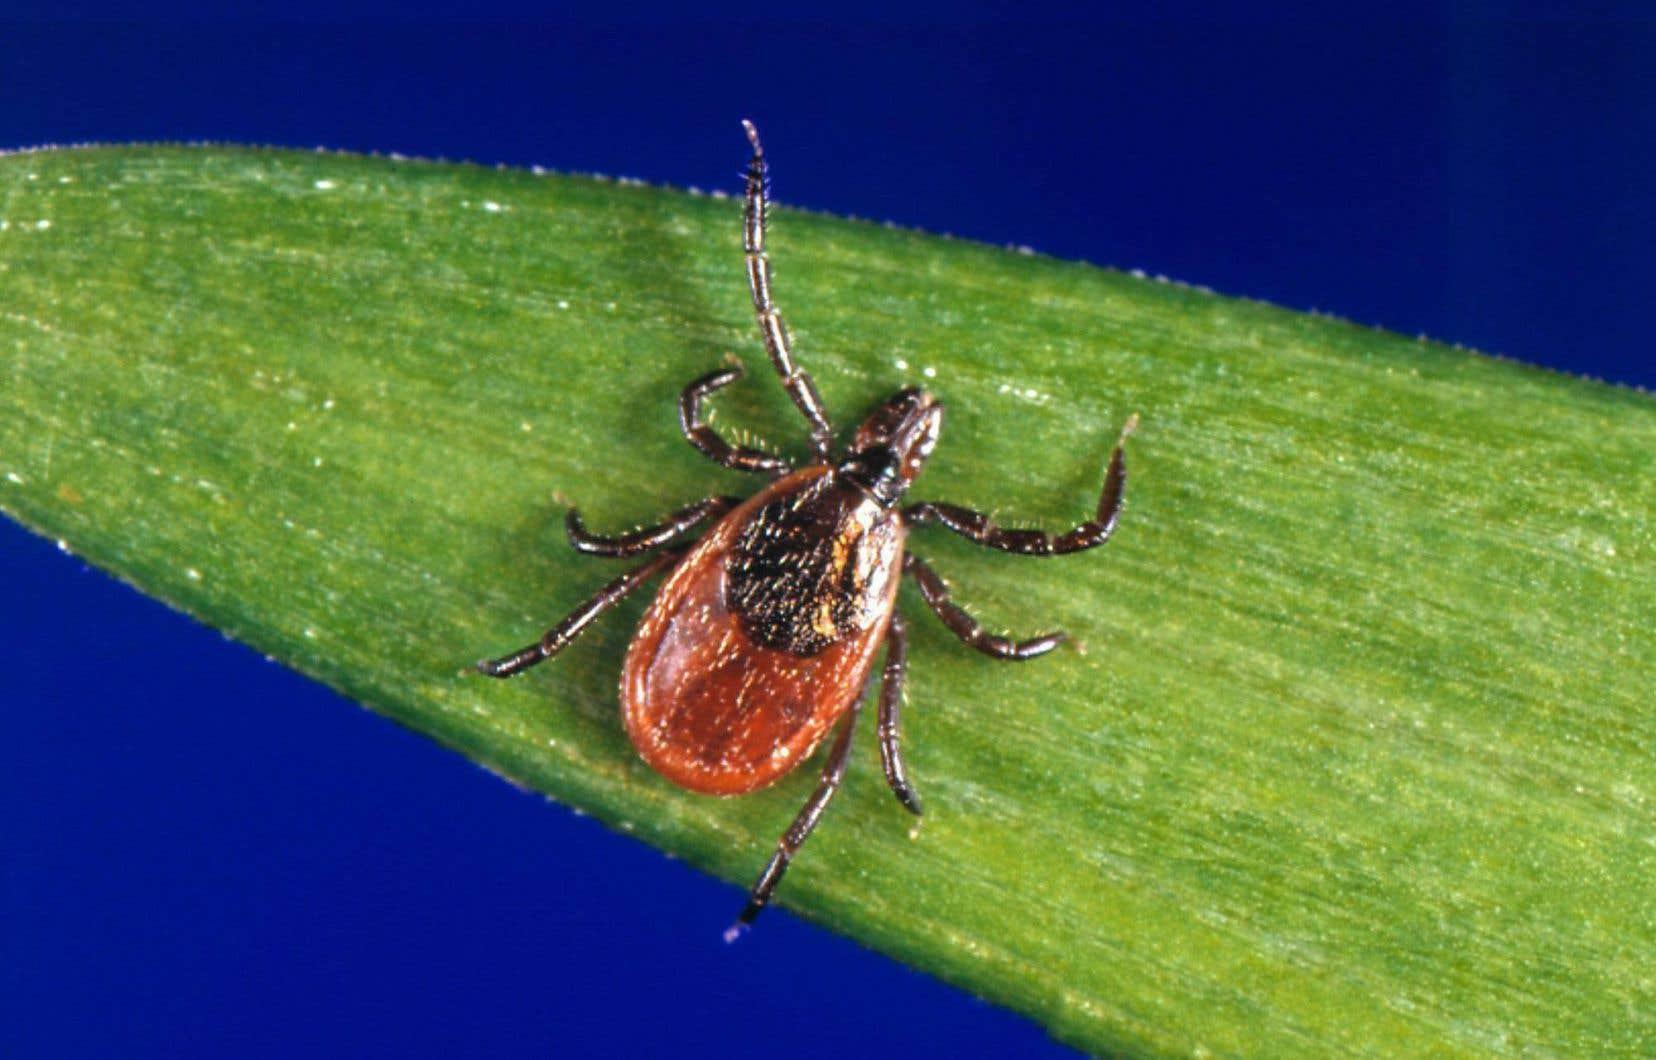 La maladie de Lyme est causée par une bactérie transmise par la piqûre d'une tique infectée.